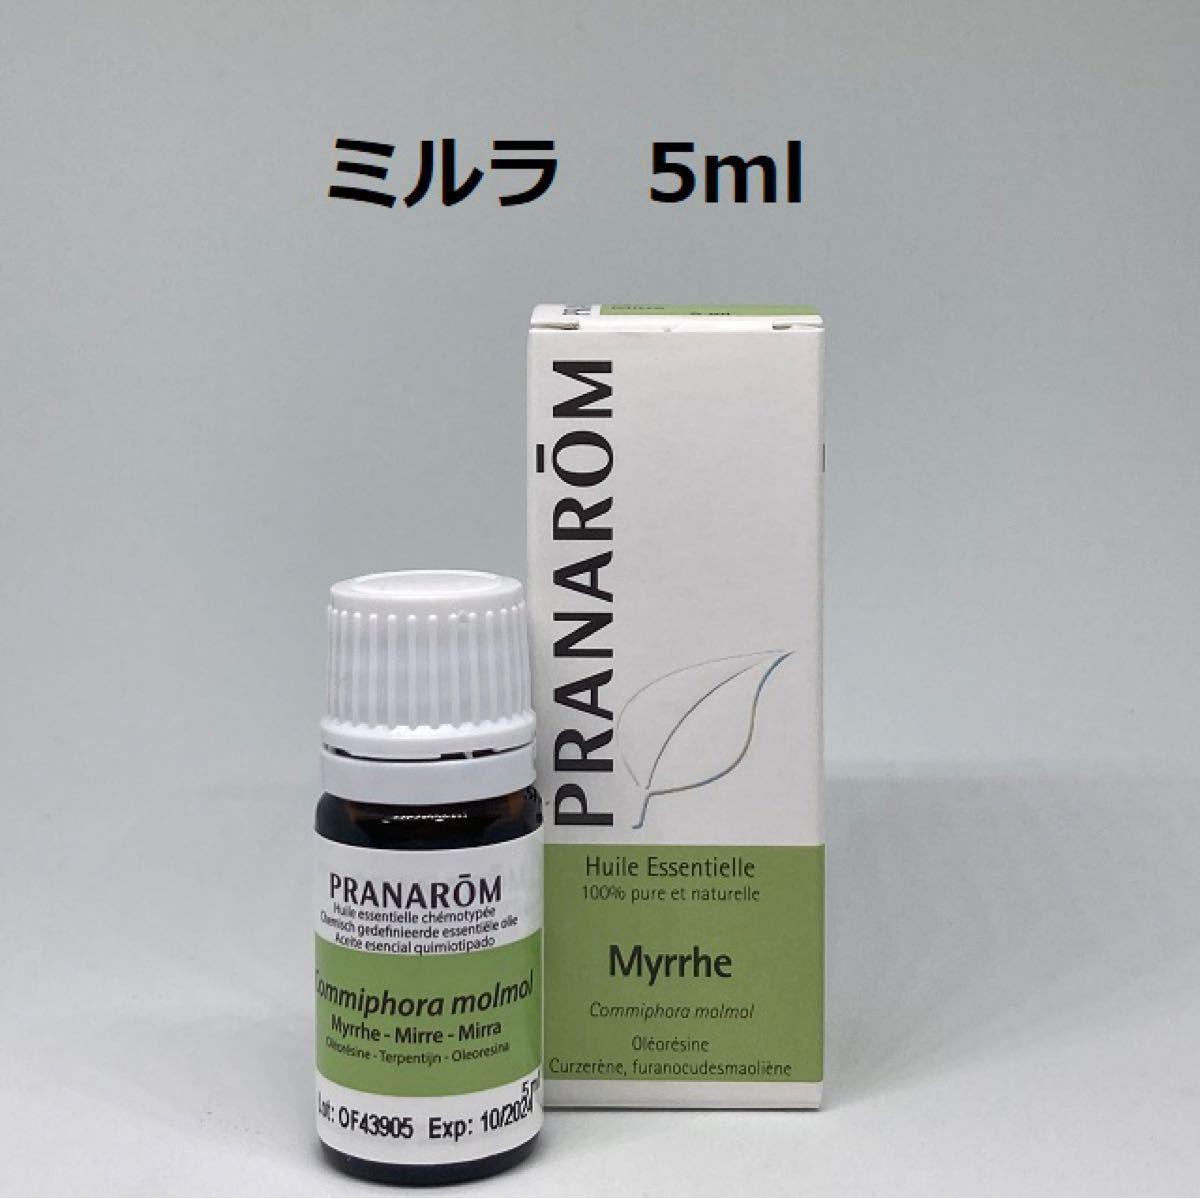 プラナロム ミルラ 5ml 精油 PRANAROM アロマ